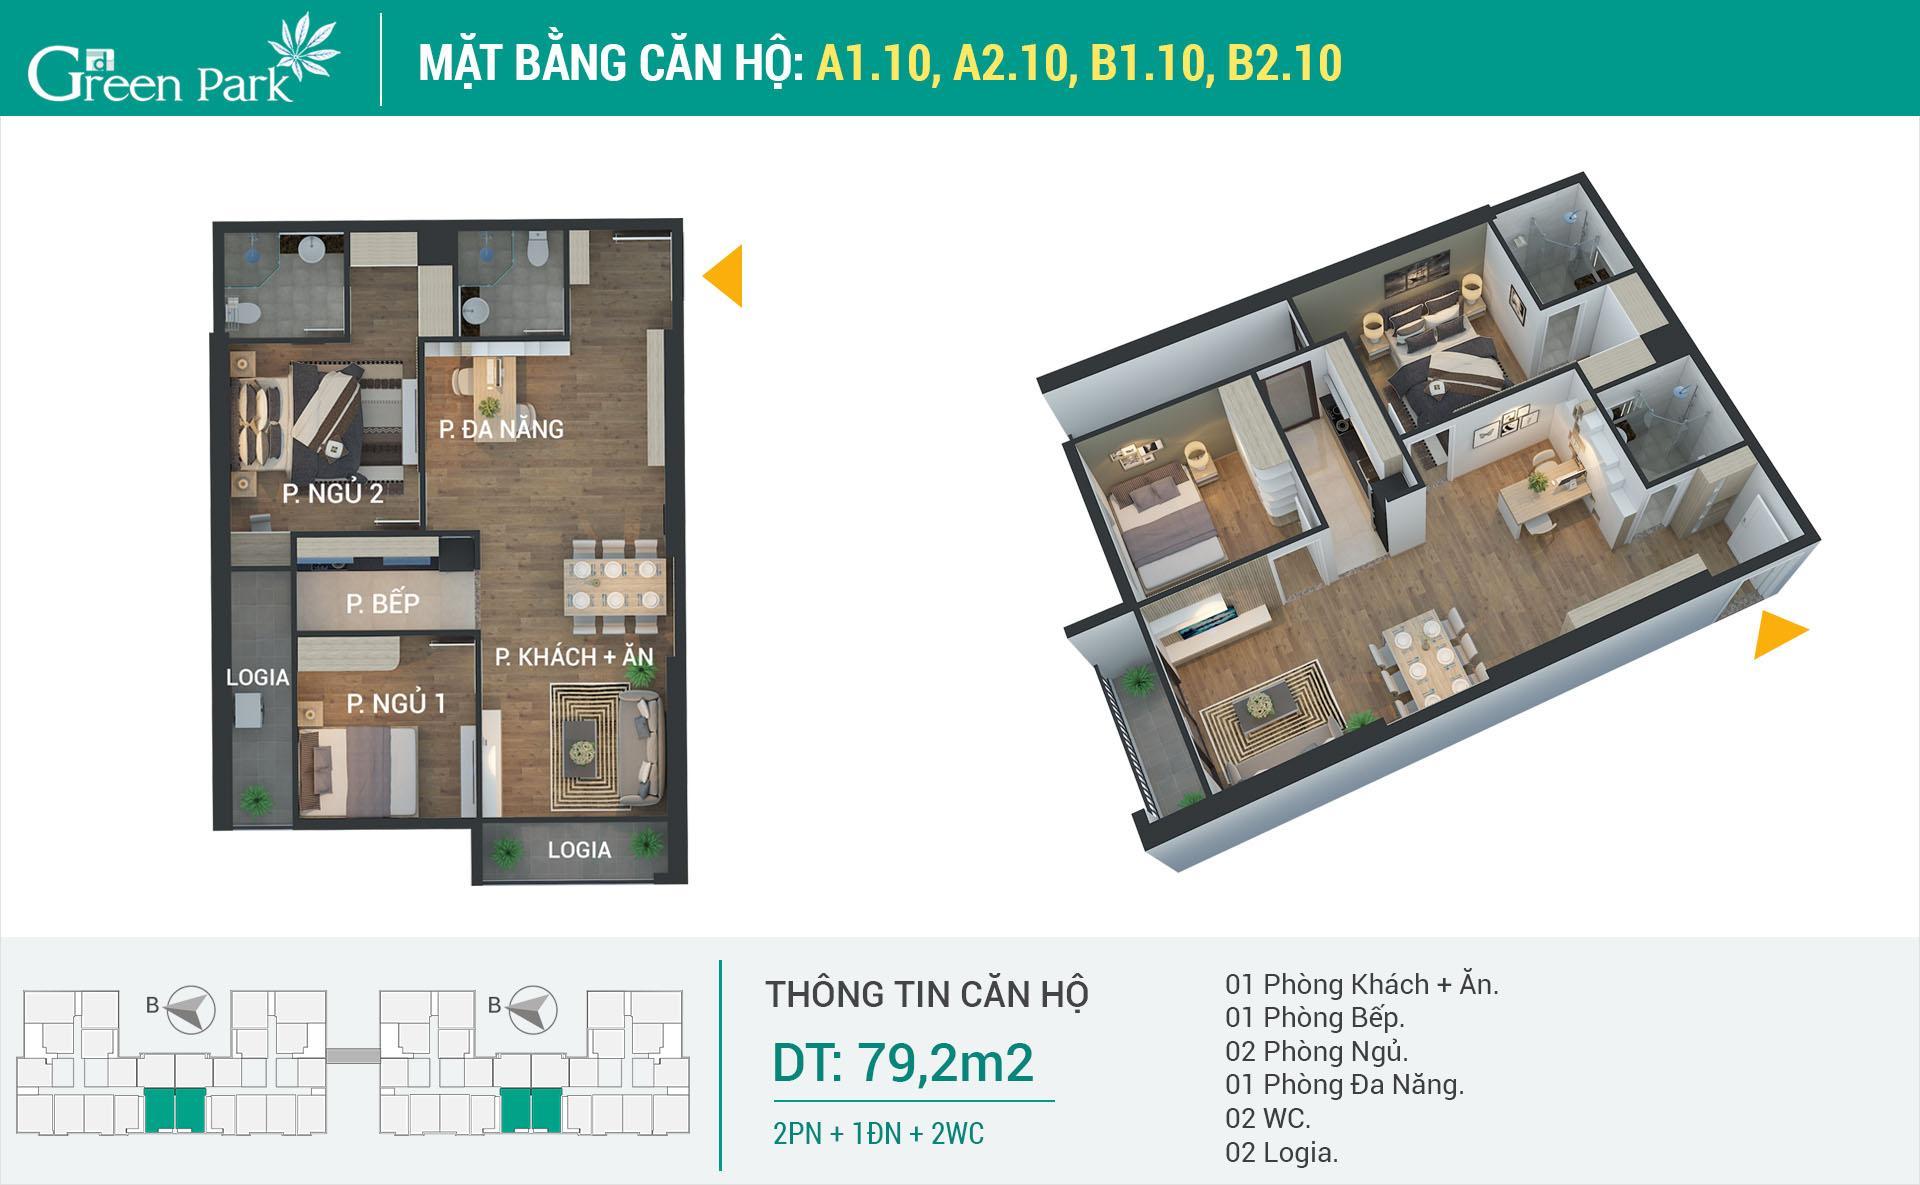 Căn hộ số 10 thực sự là căn 2 ngủ + 1 không gian đa năng (không ngăn phòng), quý khách hàng có thể tự ngăn theo nhu cầu sau khi nhận bàn giao